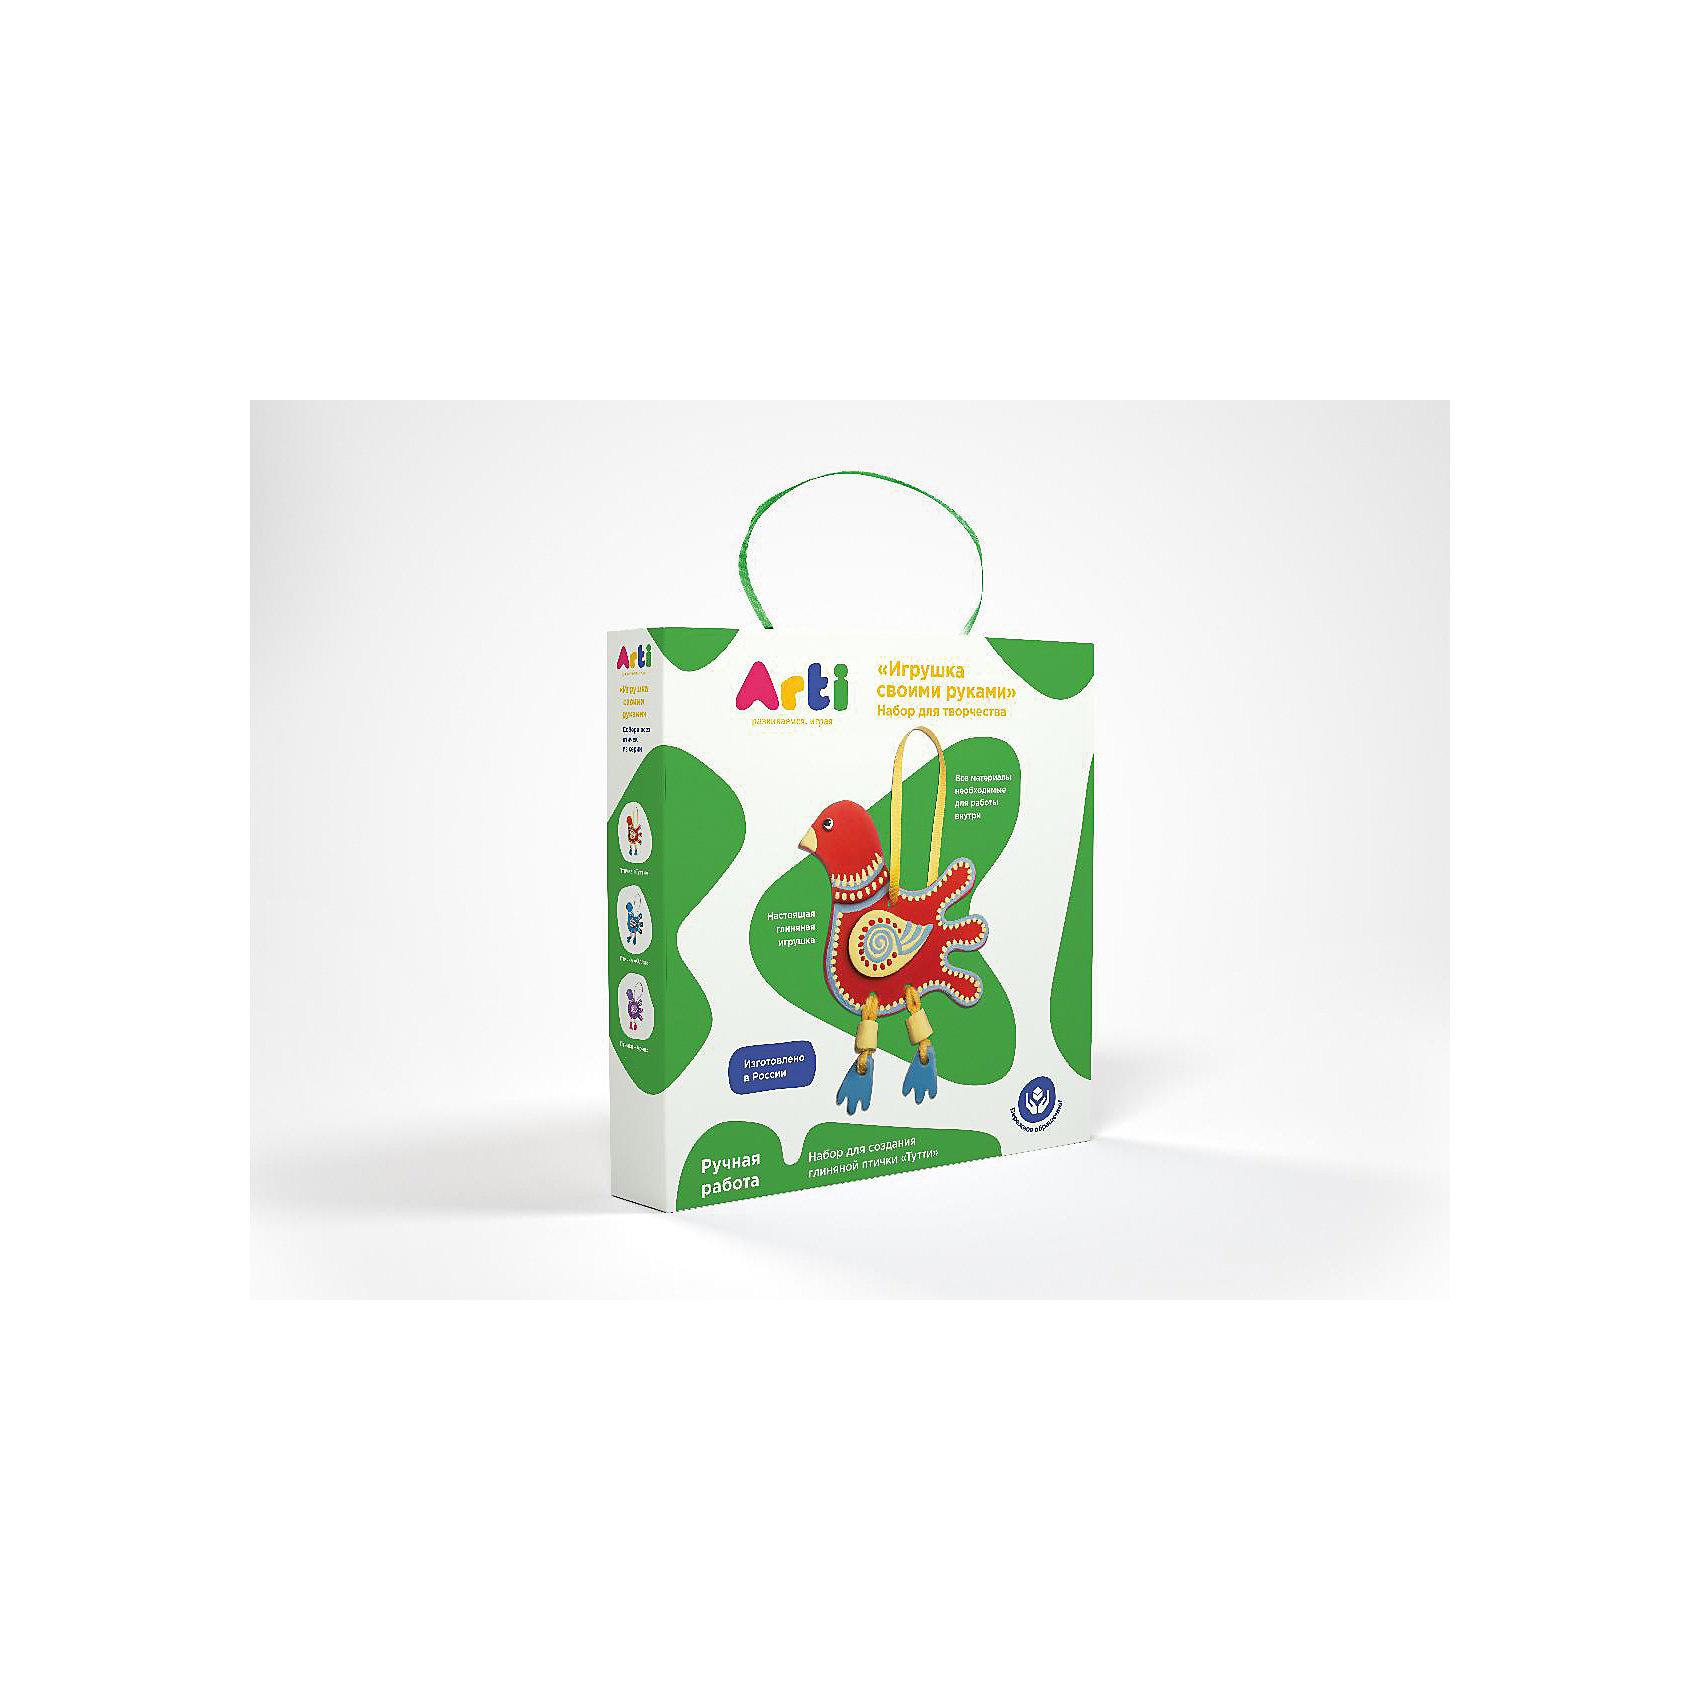 Набор для творчества Глиняная птичка ТуттиНаборы для раскрашивания<br>Набор для творчества Глиняная птичка Тутти.<br><br>Характеристика: <br><br>• Возраст: от 3 лет<br>• Материал: глина, текстиль, краски, дерево, шерсть. <br>• Размер упаковки: 3х18х18 см. <br>• Комплектация: детали рыбки, акриловые краски, кисть, шерстяные нити, деревянная палочка для работы с нитями, ленточка для подвеса изделия.<br>• Объем 1 баночки с краской: 5 мл.<br>• Развивает моторику рук, мышление, внимание. фантазию, творческие способности. <br><br>С помощью этого замечательного набора ваш ребенок сможет создать яркую глиняную фигурку и раскрасить ее по своему вкусу. Все детали набора выполнены из высококачественных материалов. Доступная простая инструкция позволит детям самим сделать свою птичку Получившаяся фигурка обязательно украсит стену детской или же станет отличным подарком, сделанным своими руками. <br><br>Набор для творчества Глиняная птичка Тутти можно купить в нашем интернет-магазине.<br><br>Ширина мм: 180<br>Глубина мм: 180<br>Высота мм: 30<br>Вес г: 205<br>Возраст от месяцев: 36<br>Возраст до месяцев: 2147483647<br>Пол: Унисекс<br>Возраст: Детский<br>SKU: 5487924